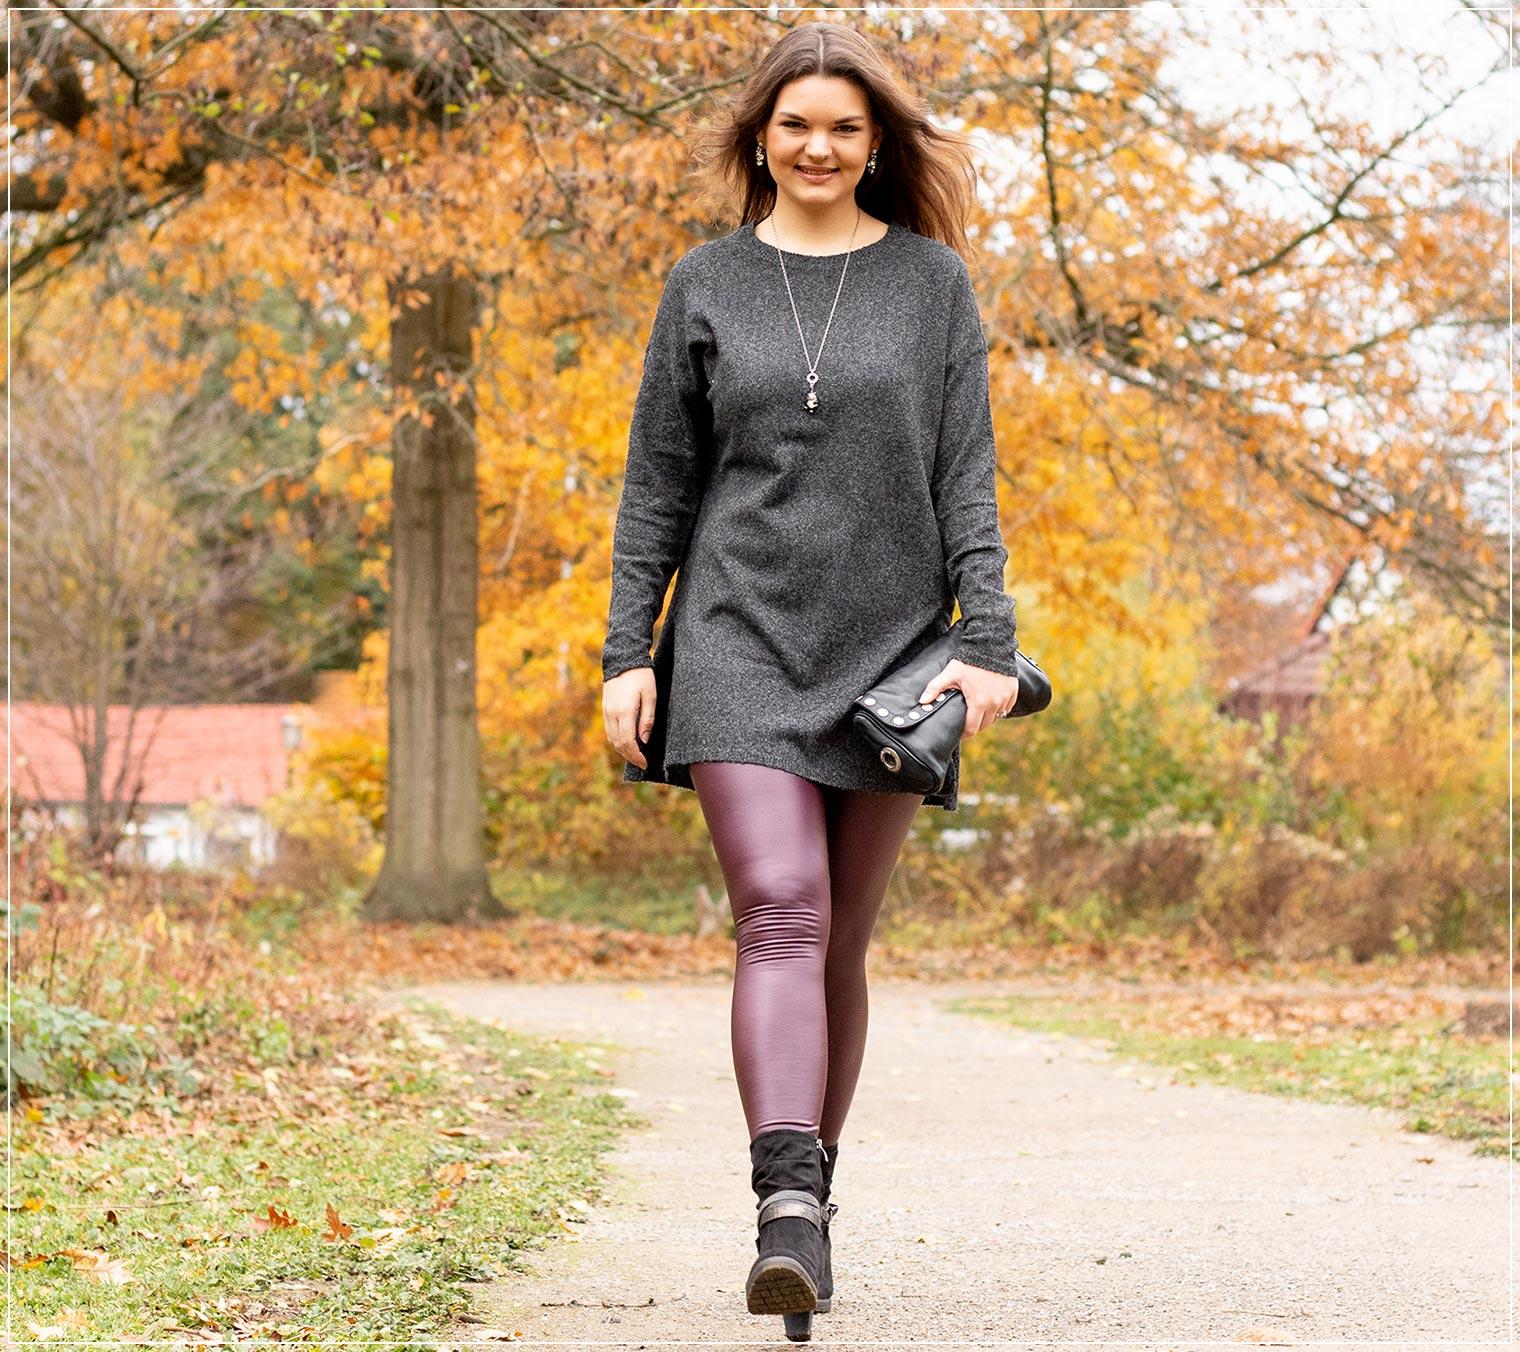 Herbstlicher Look aus Lederleggings und Wollpullover